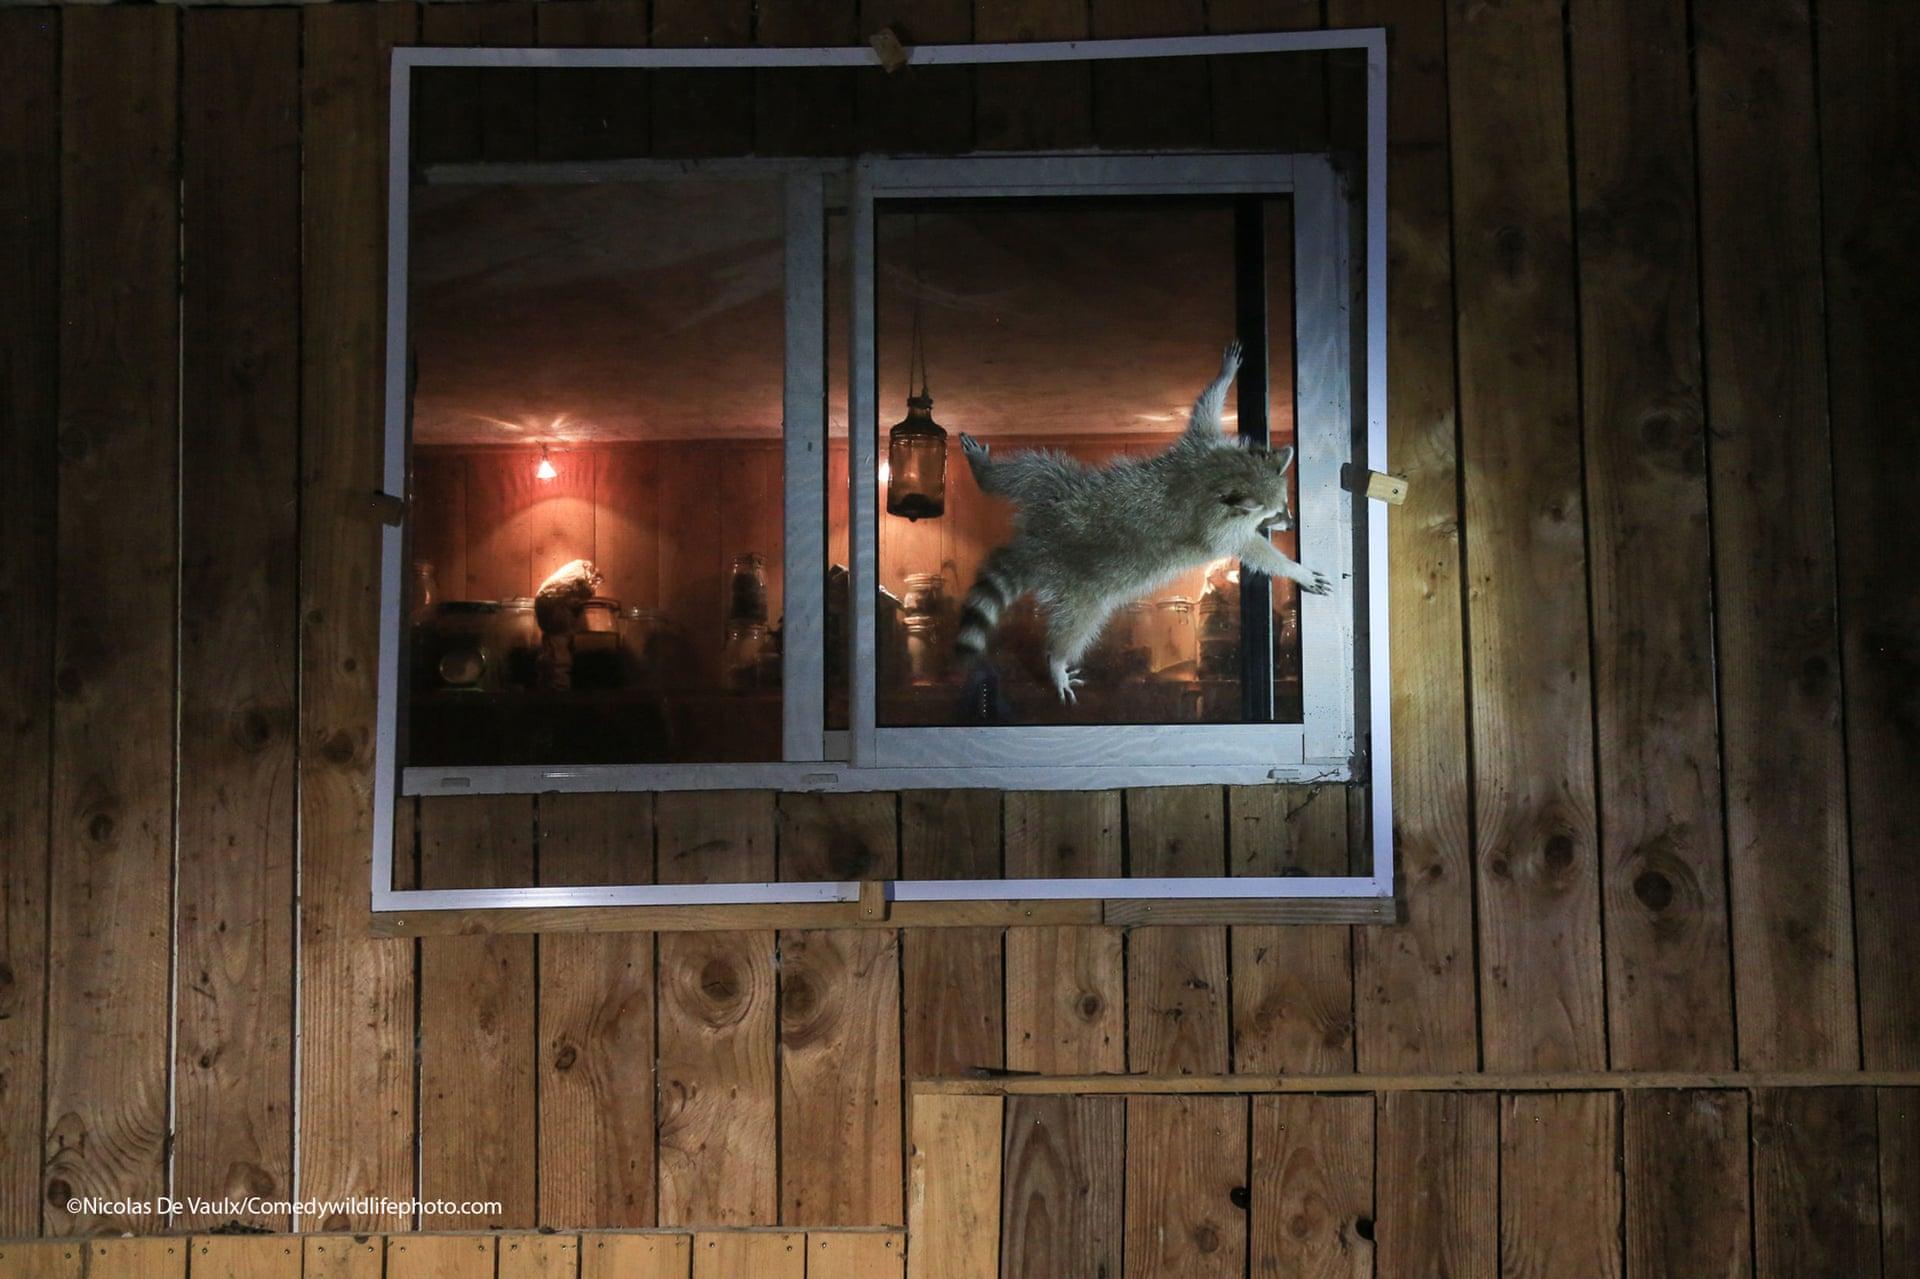 Ενα ρακούν προσπαθεί να ανοίξει το παράθυρο εξοχικής κατοικίας στη Γαλλία